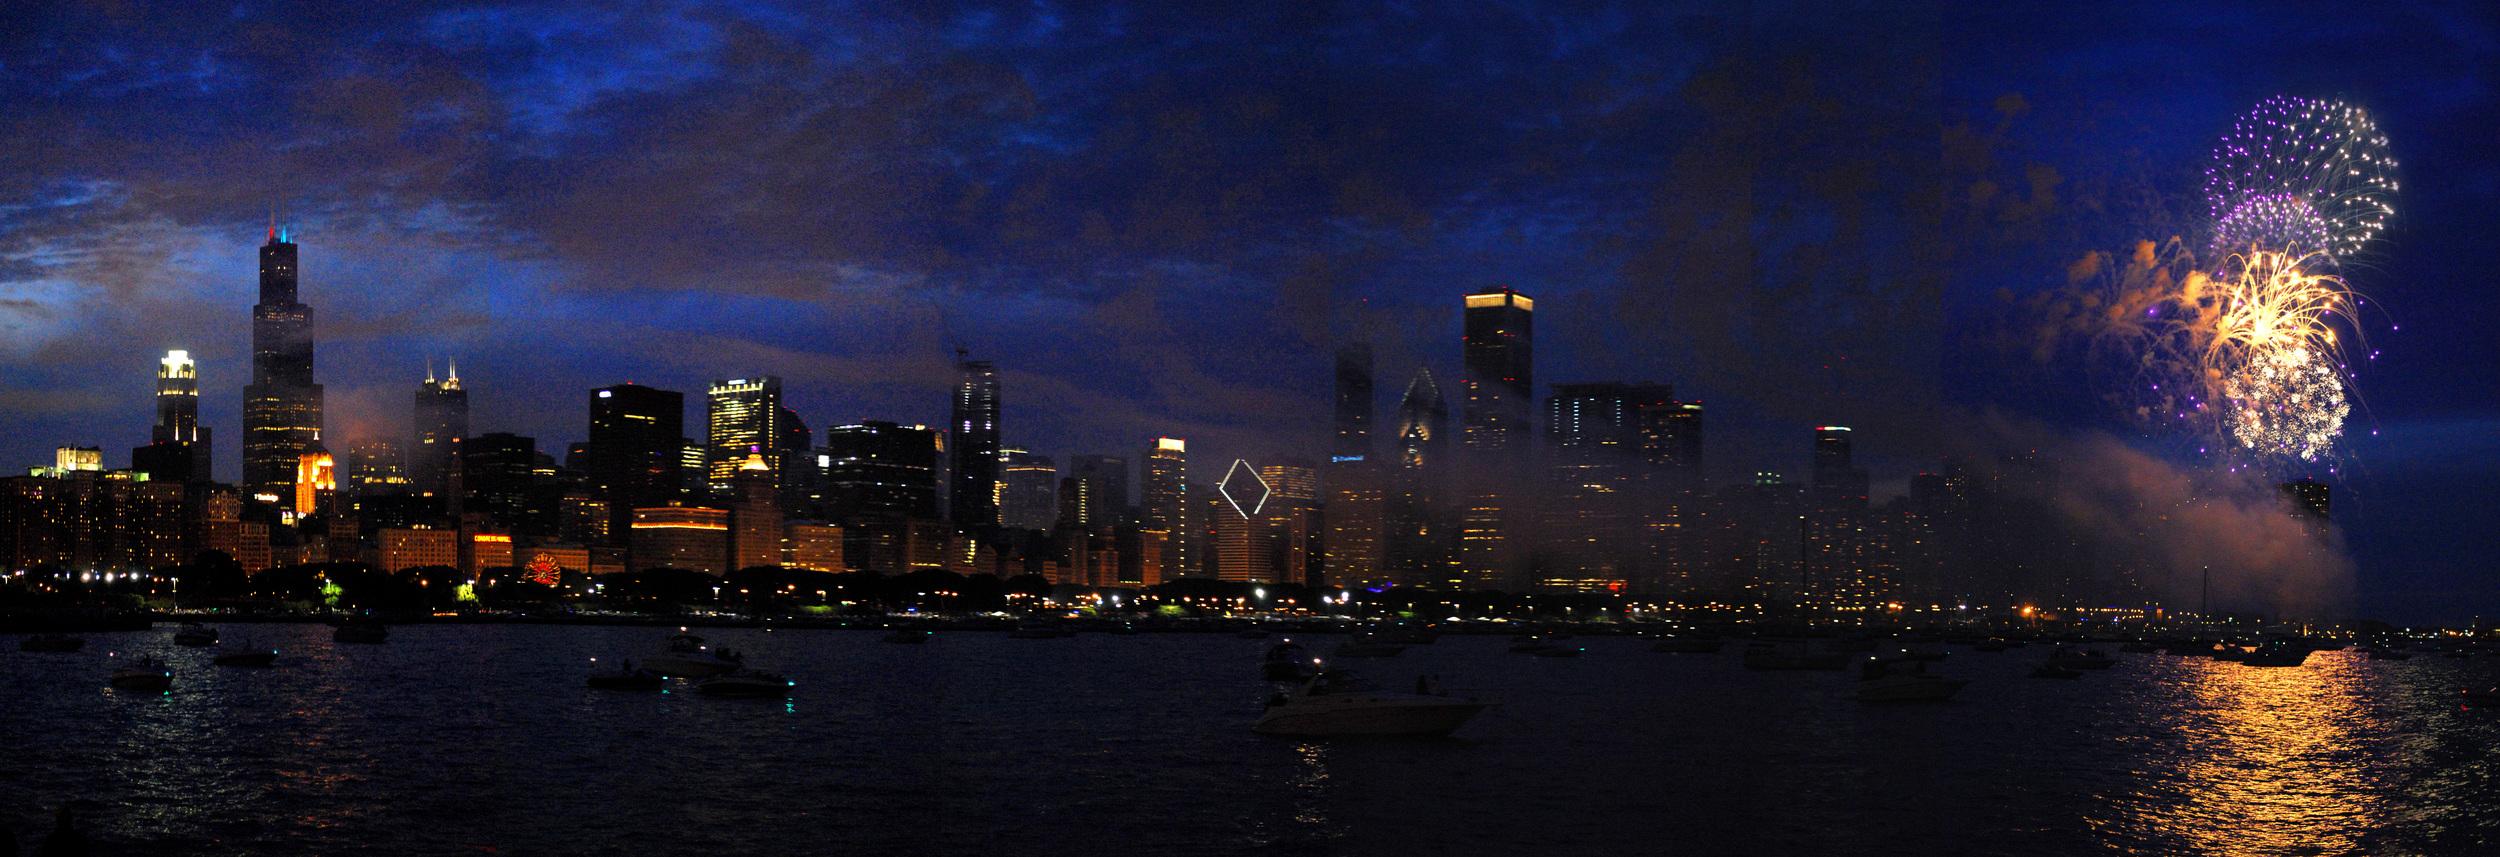 ChicagoFireWorks copy.jpg